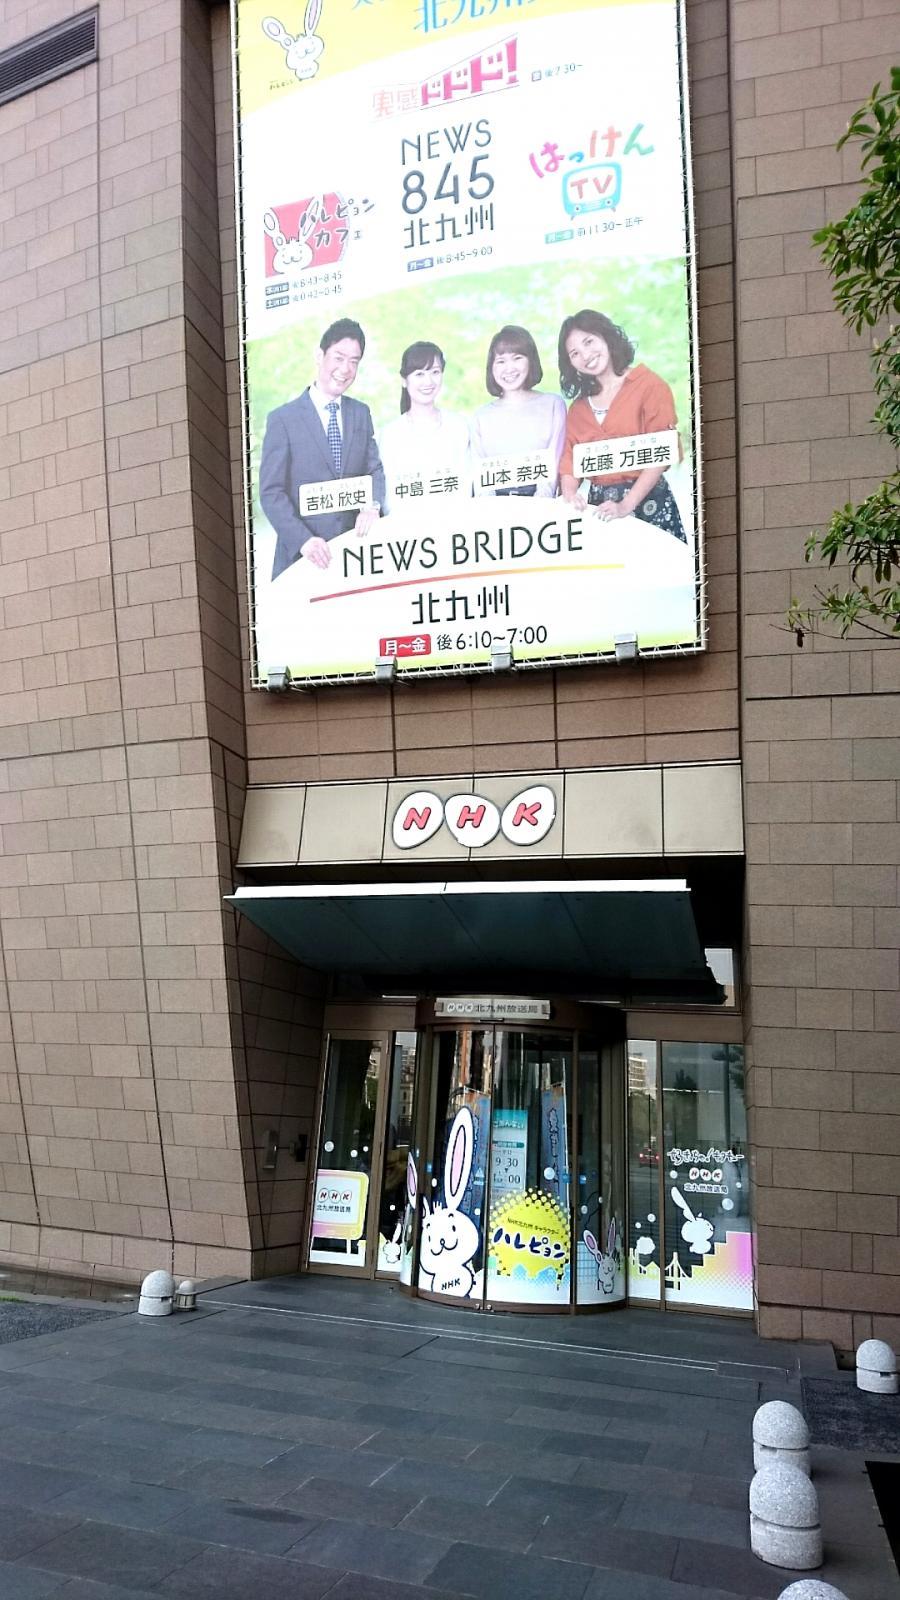 ニュース nhk 北九州